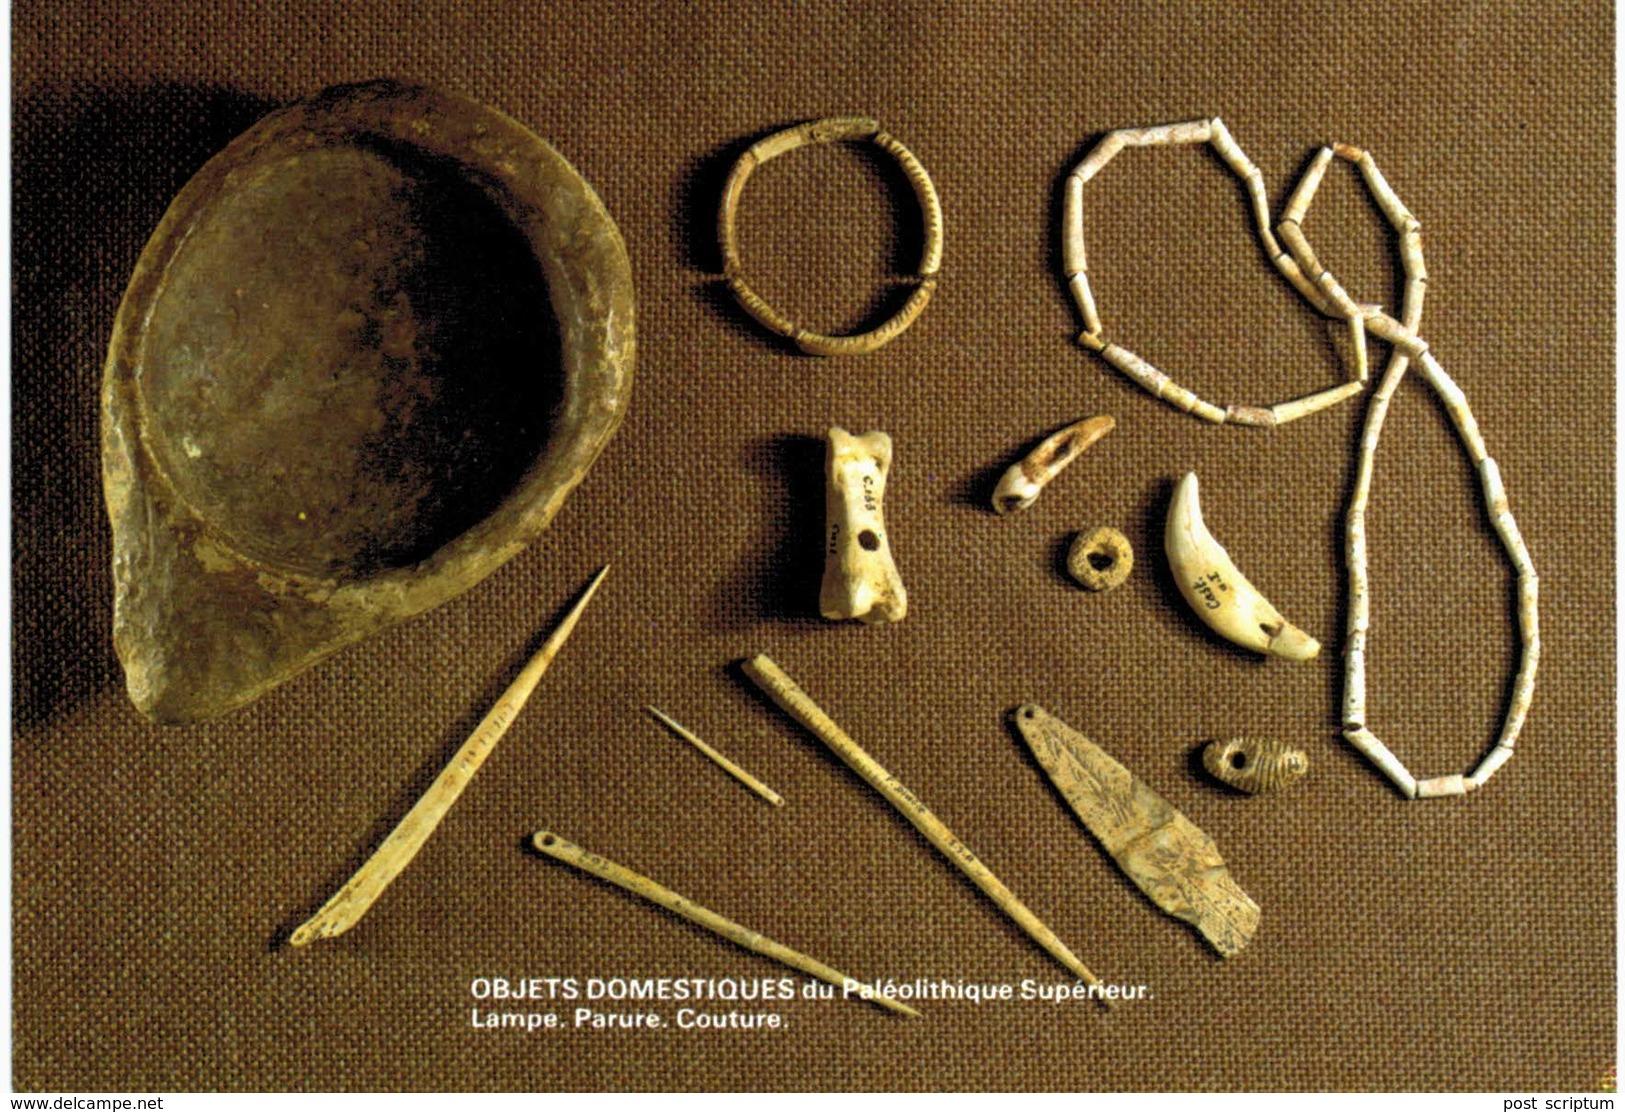 Les Eyzies De Tayac - Musée - Objets Domestiques Du Paléolithique Supérieur : Lampe, Parure, Couture - Francia